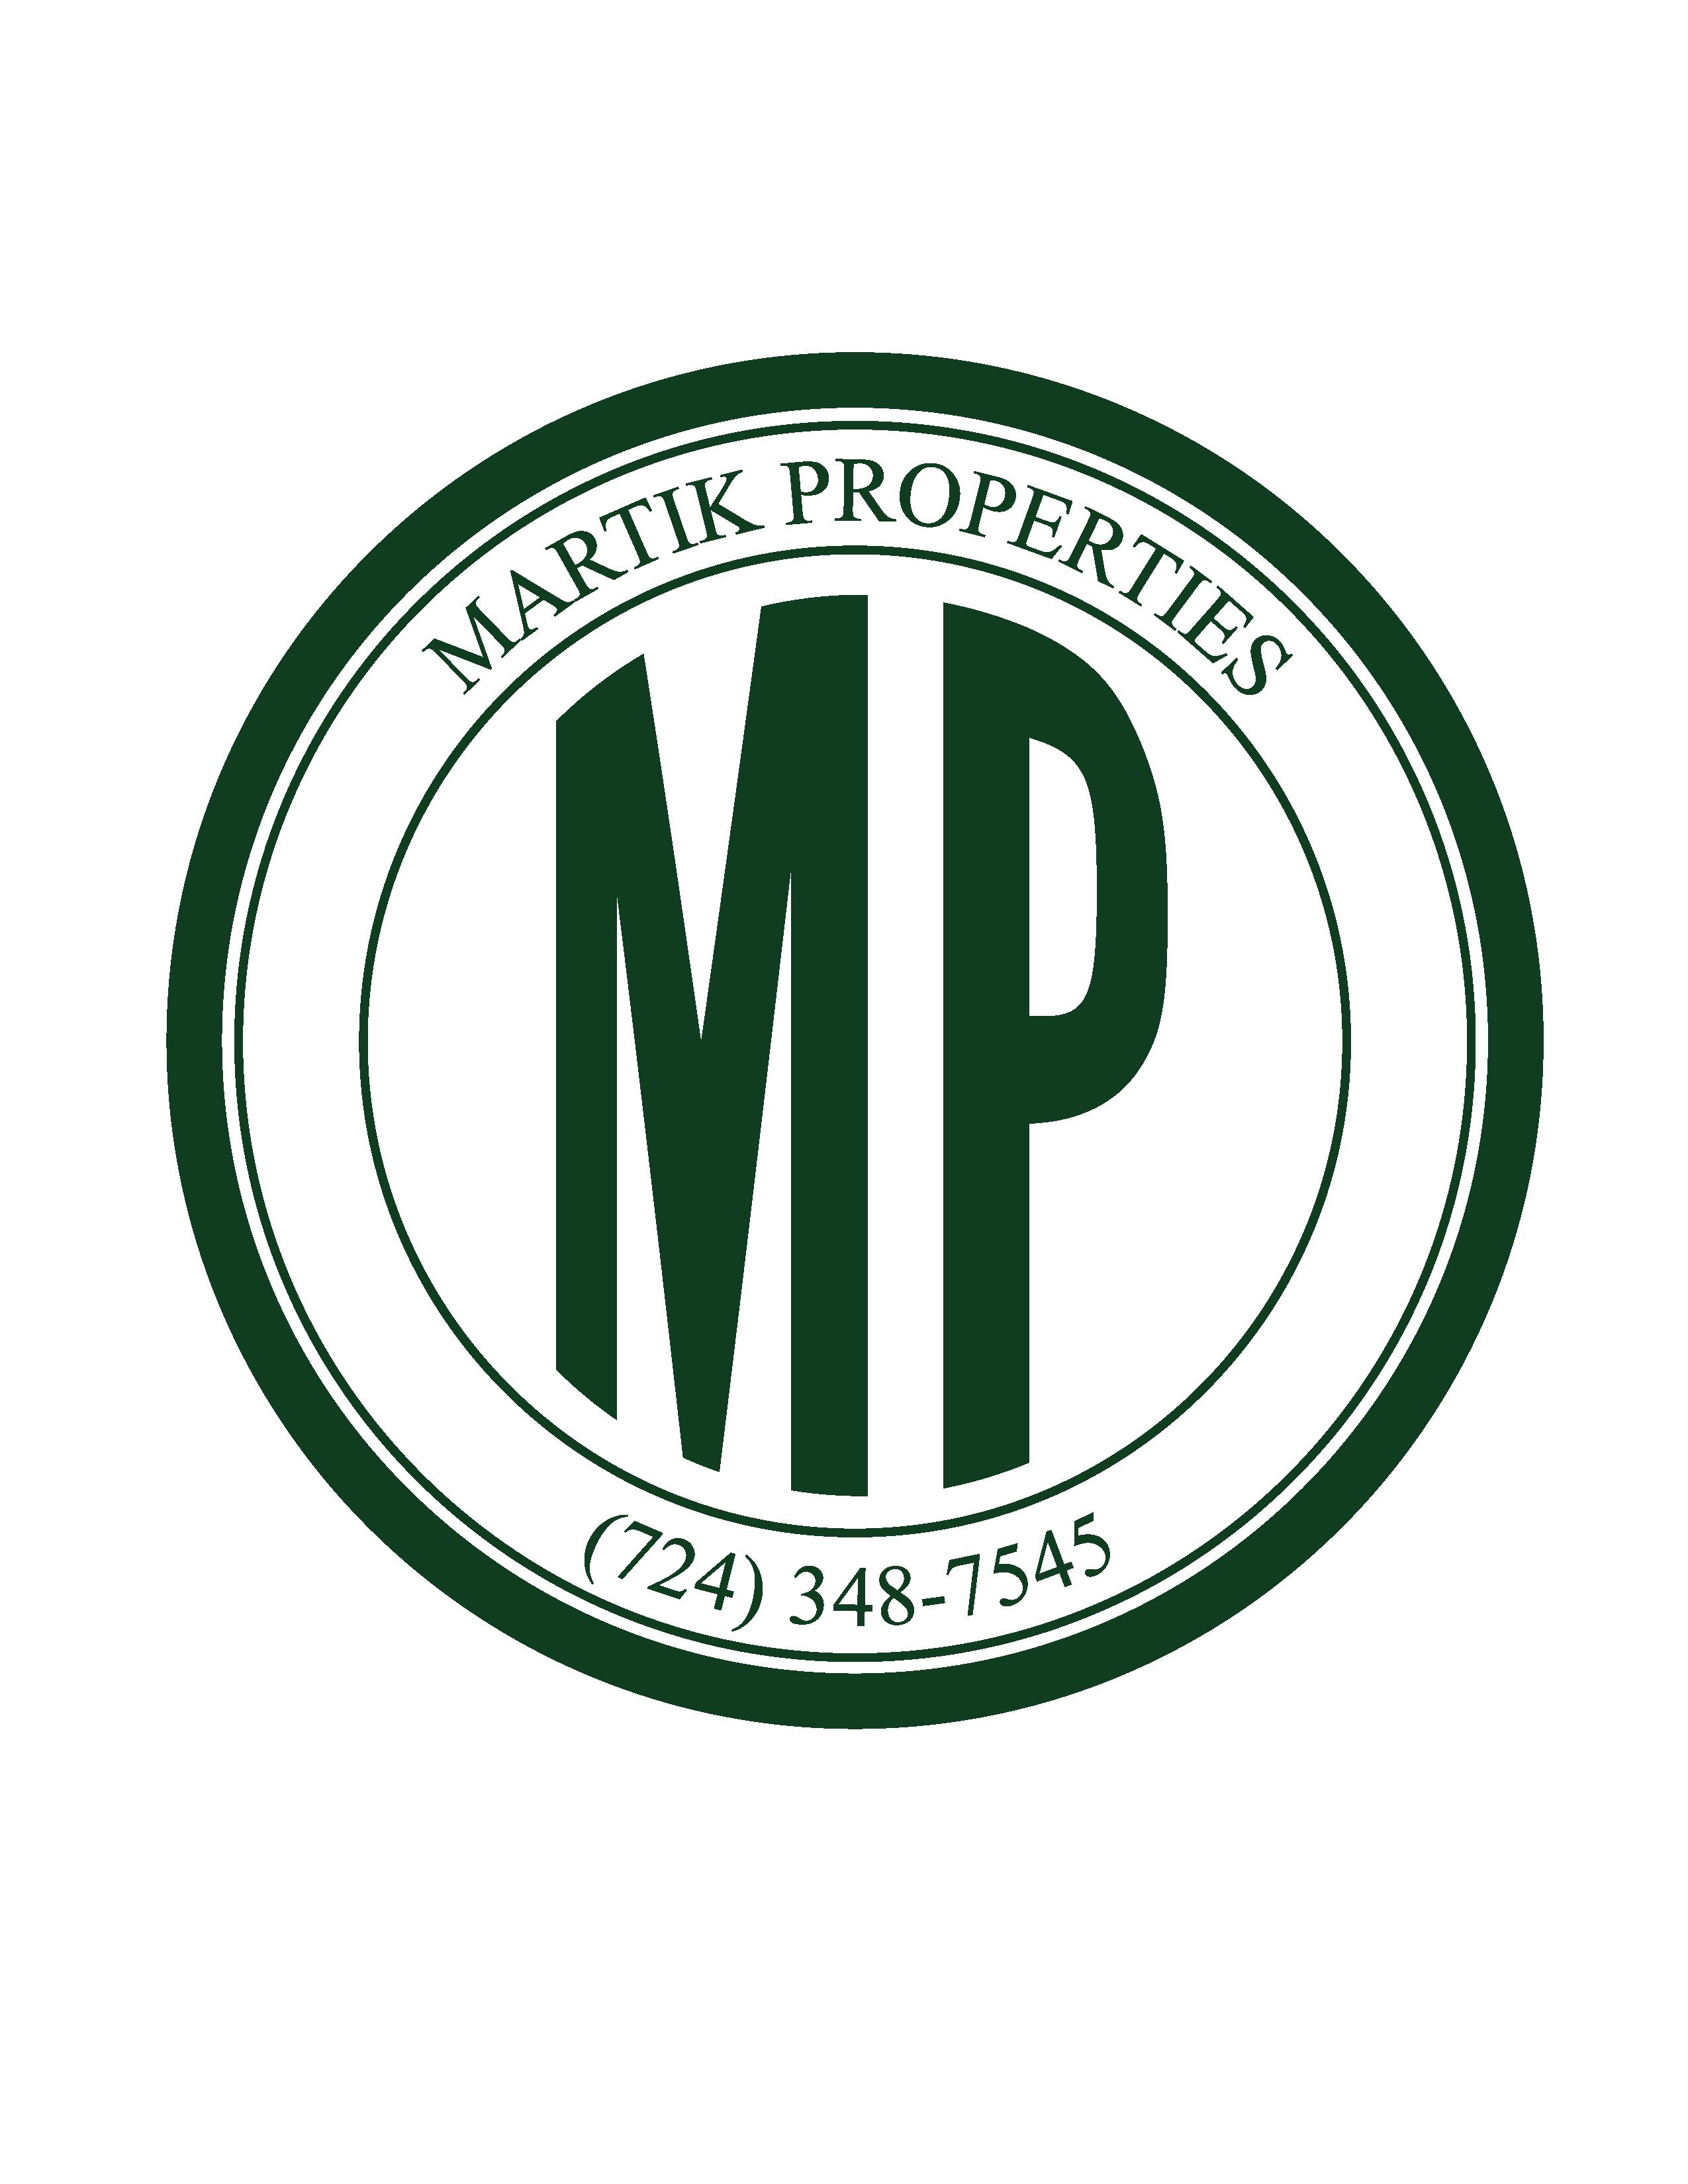 Martik Properties